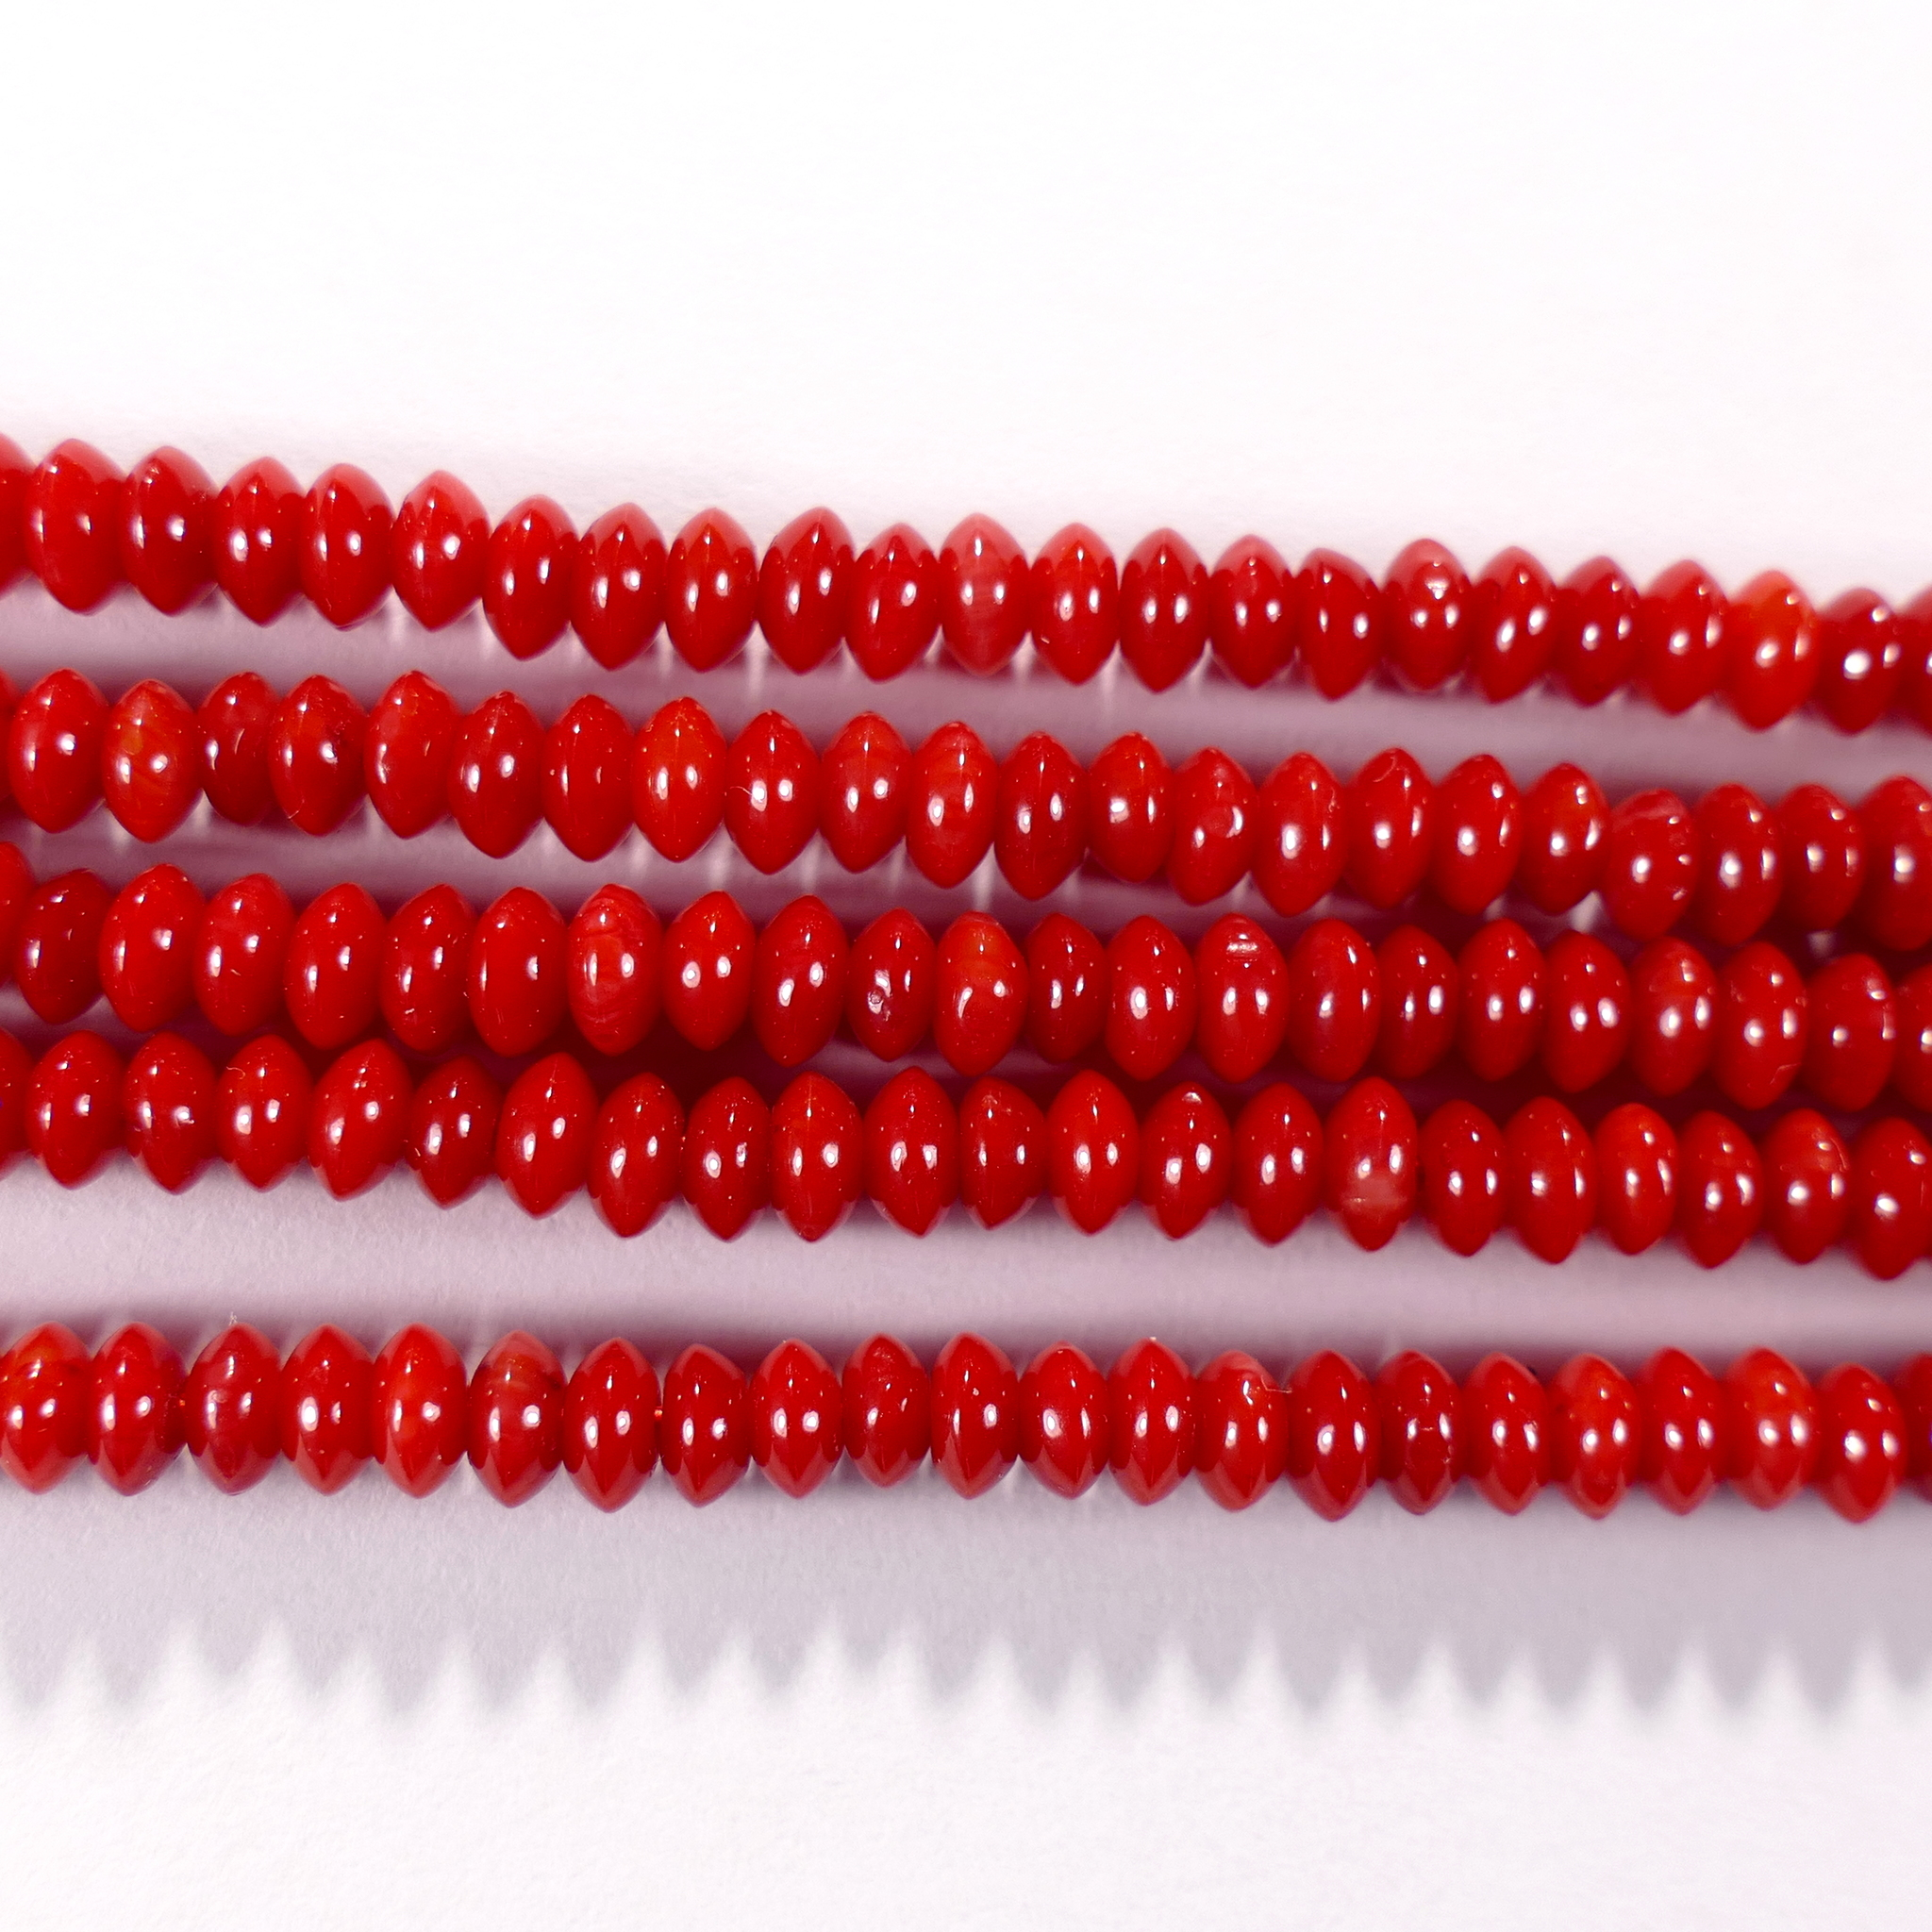 Нить бусин из коралла красного, облагороженного, фигурные, 2x4 мм (рондель плоская, гладкая)